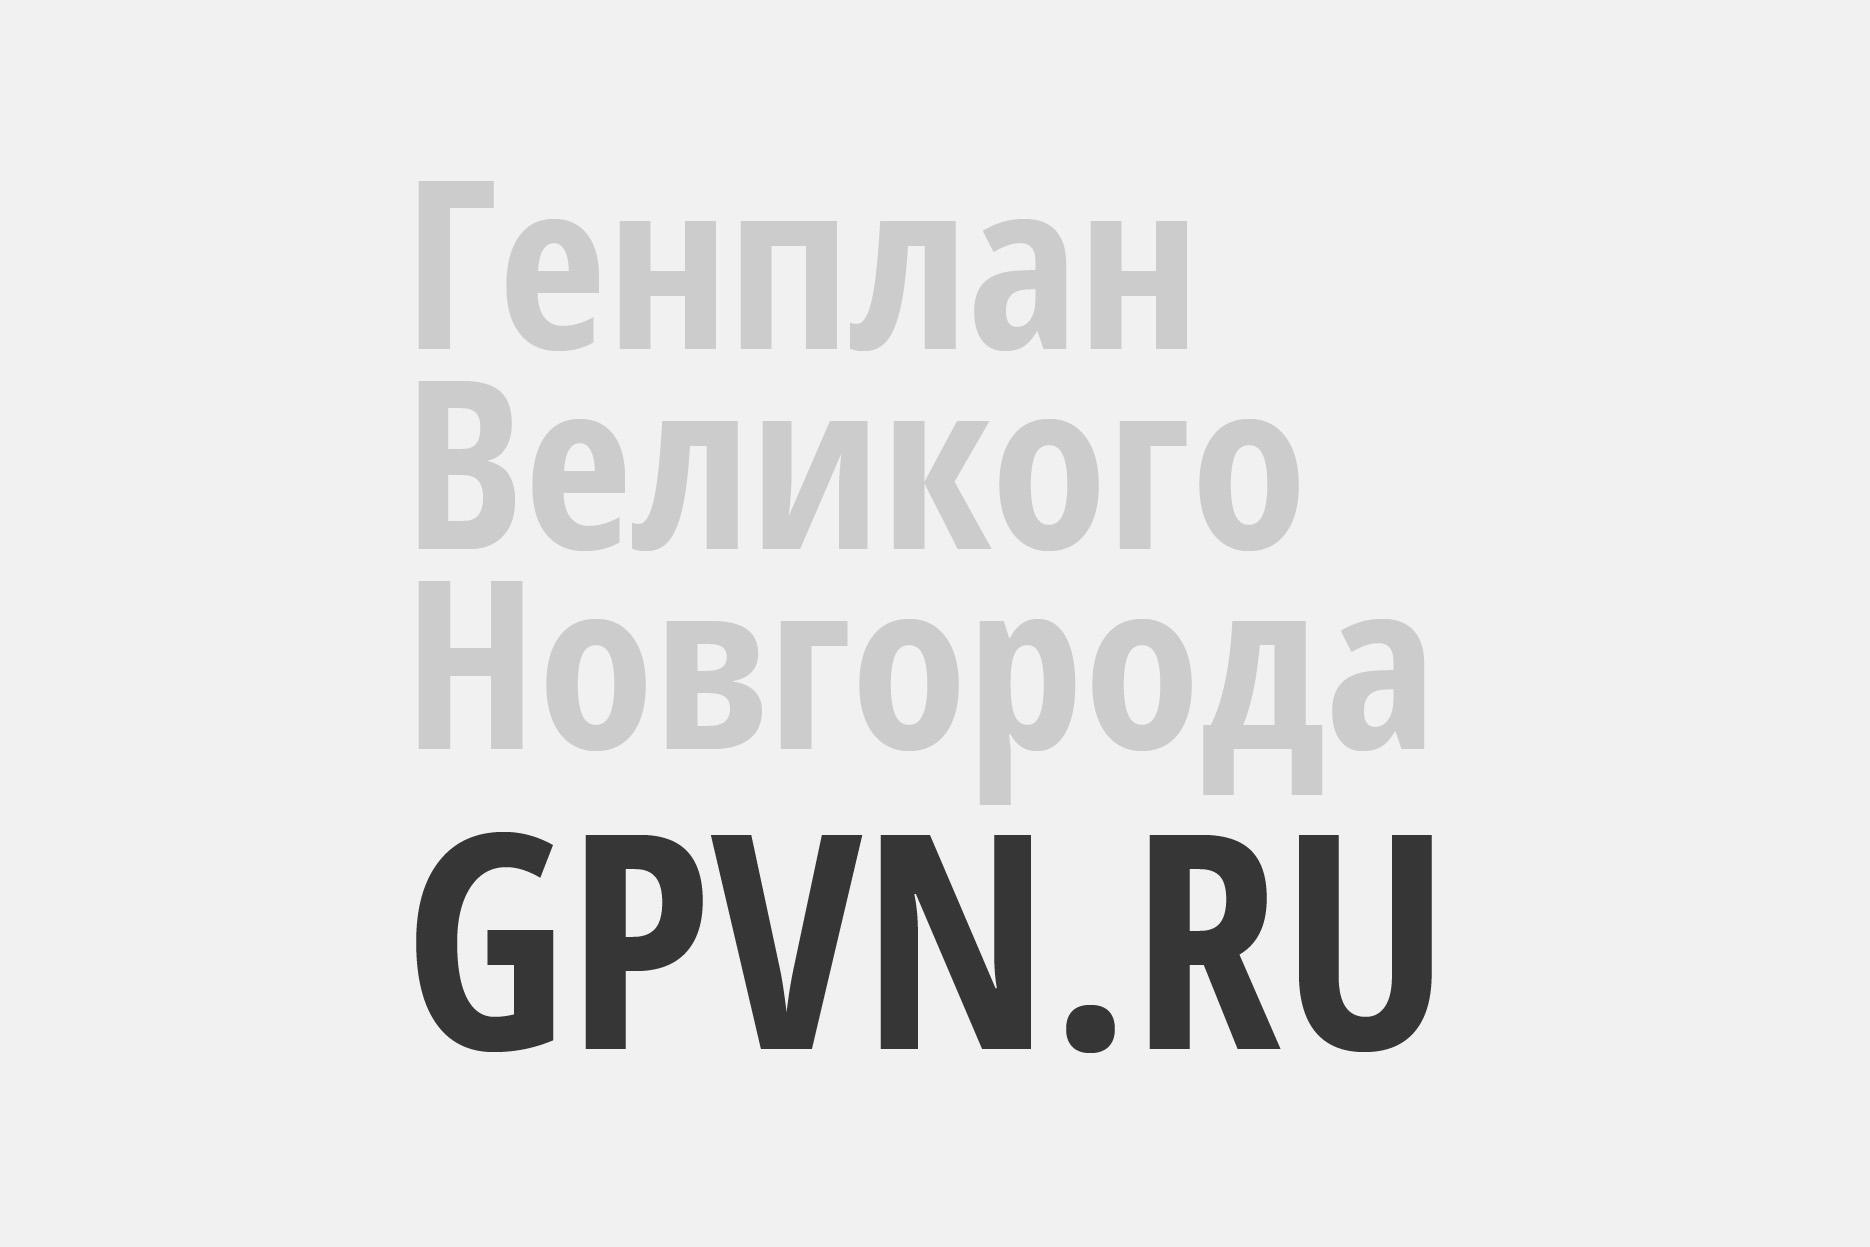 Генплан Великого Новгорода